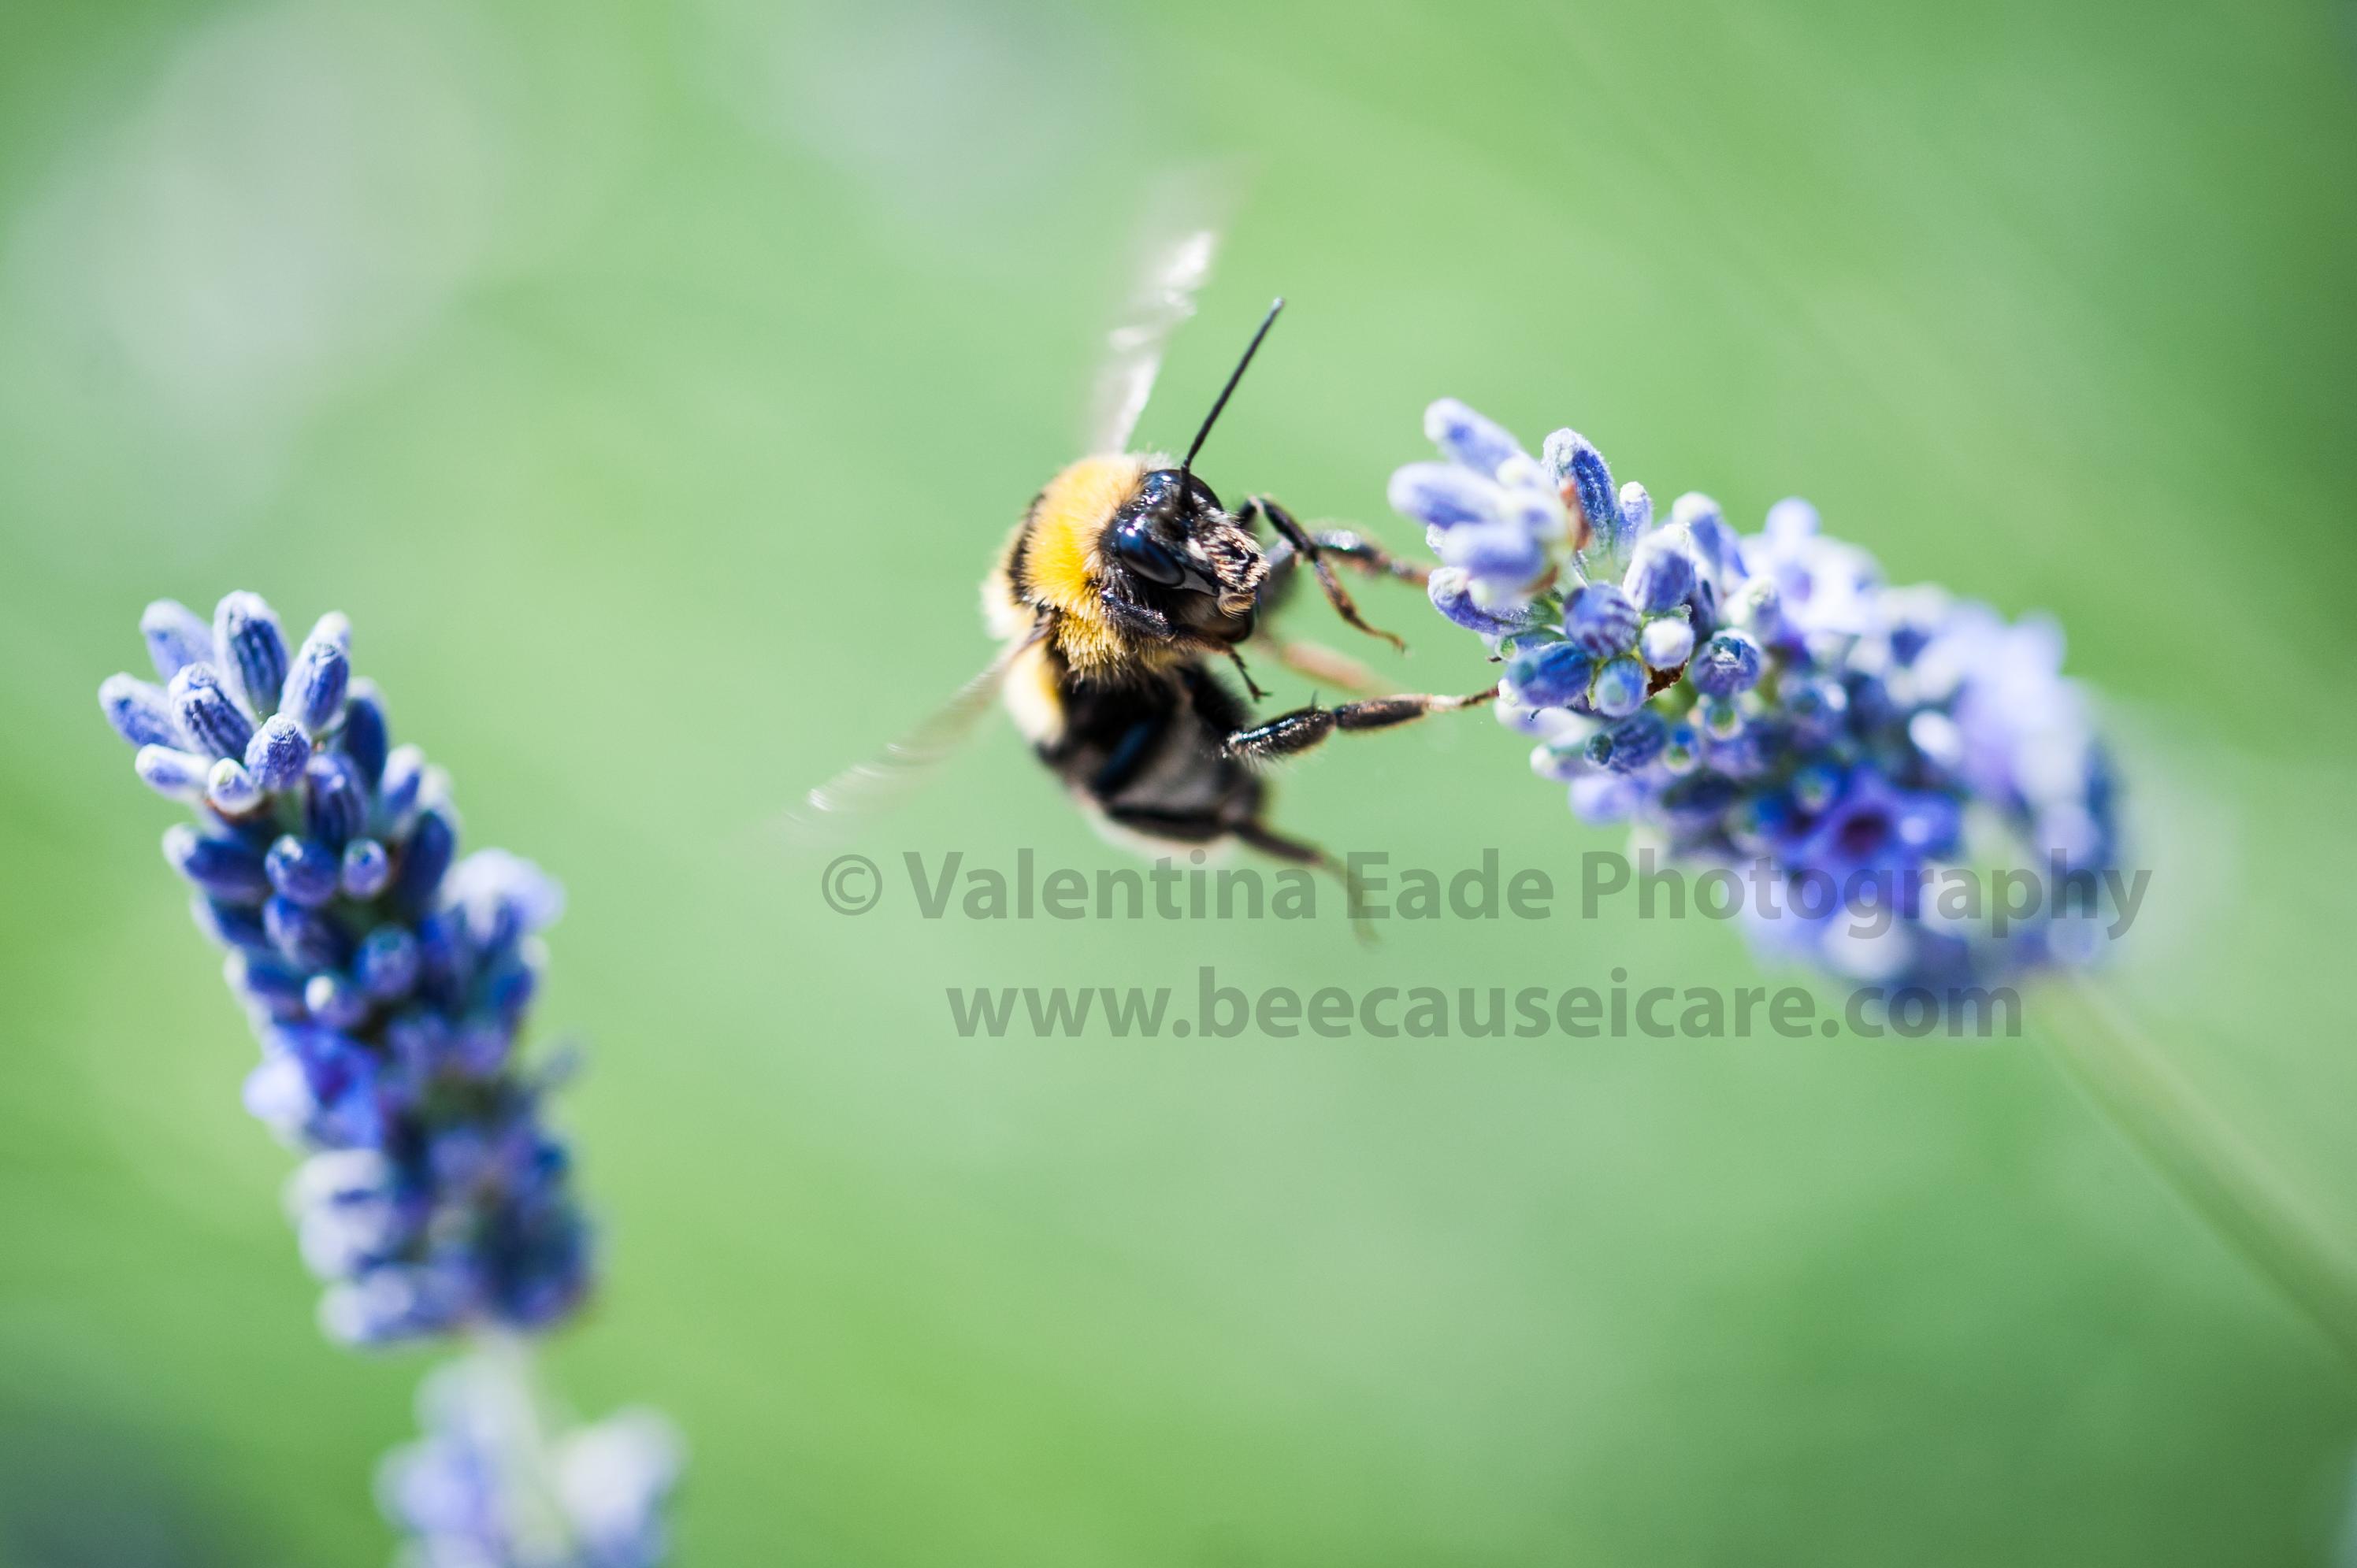 bumblebee_008